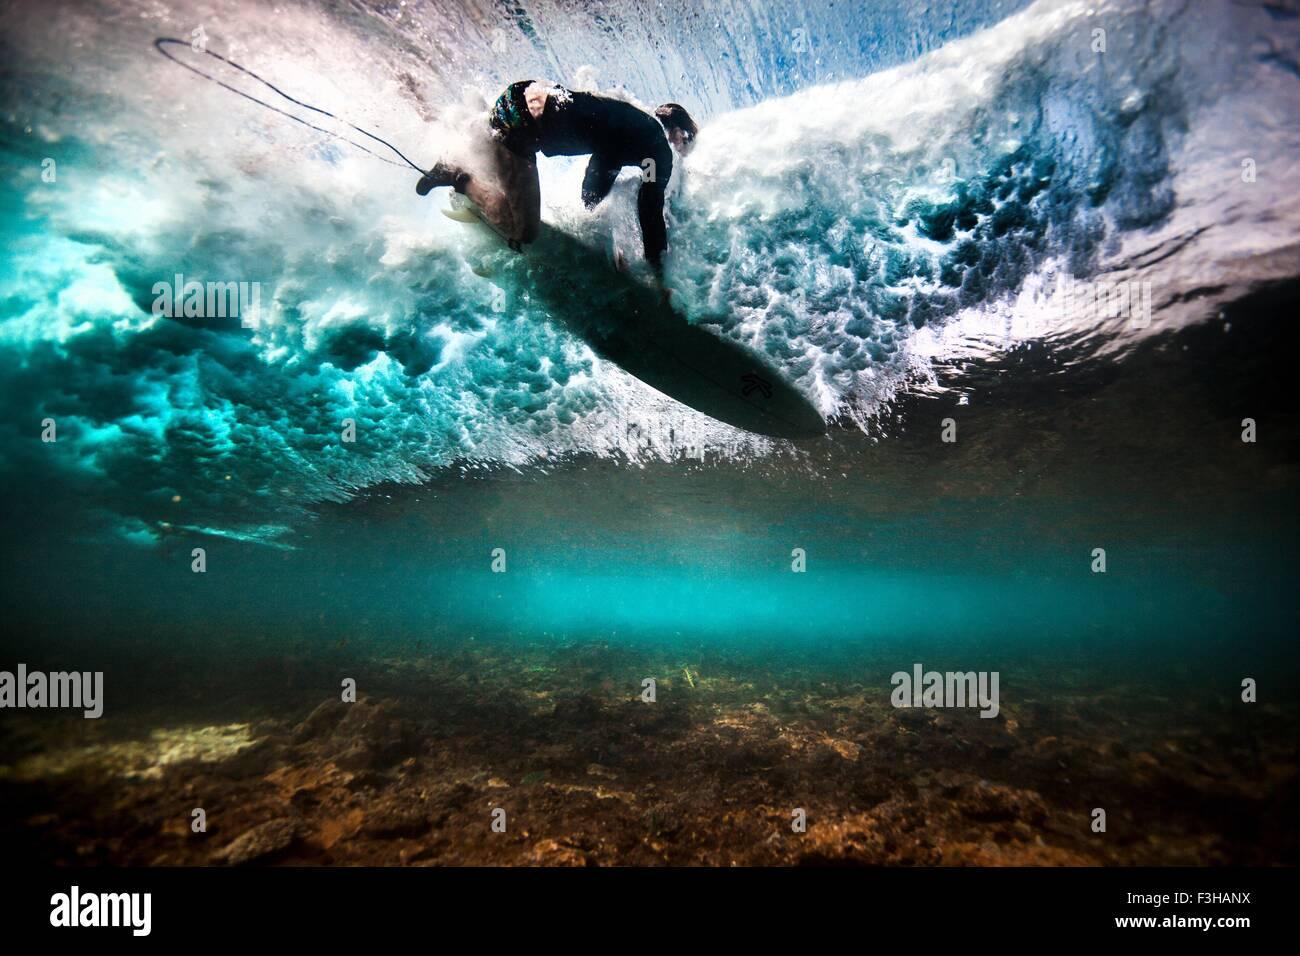 Sous-vue de surfer à travers l'eau chute après avoir attrapé une vague sur un récif peu Photo Stock